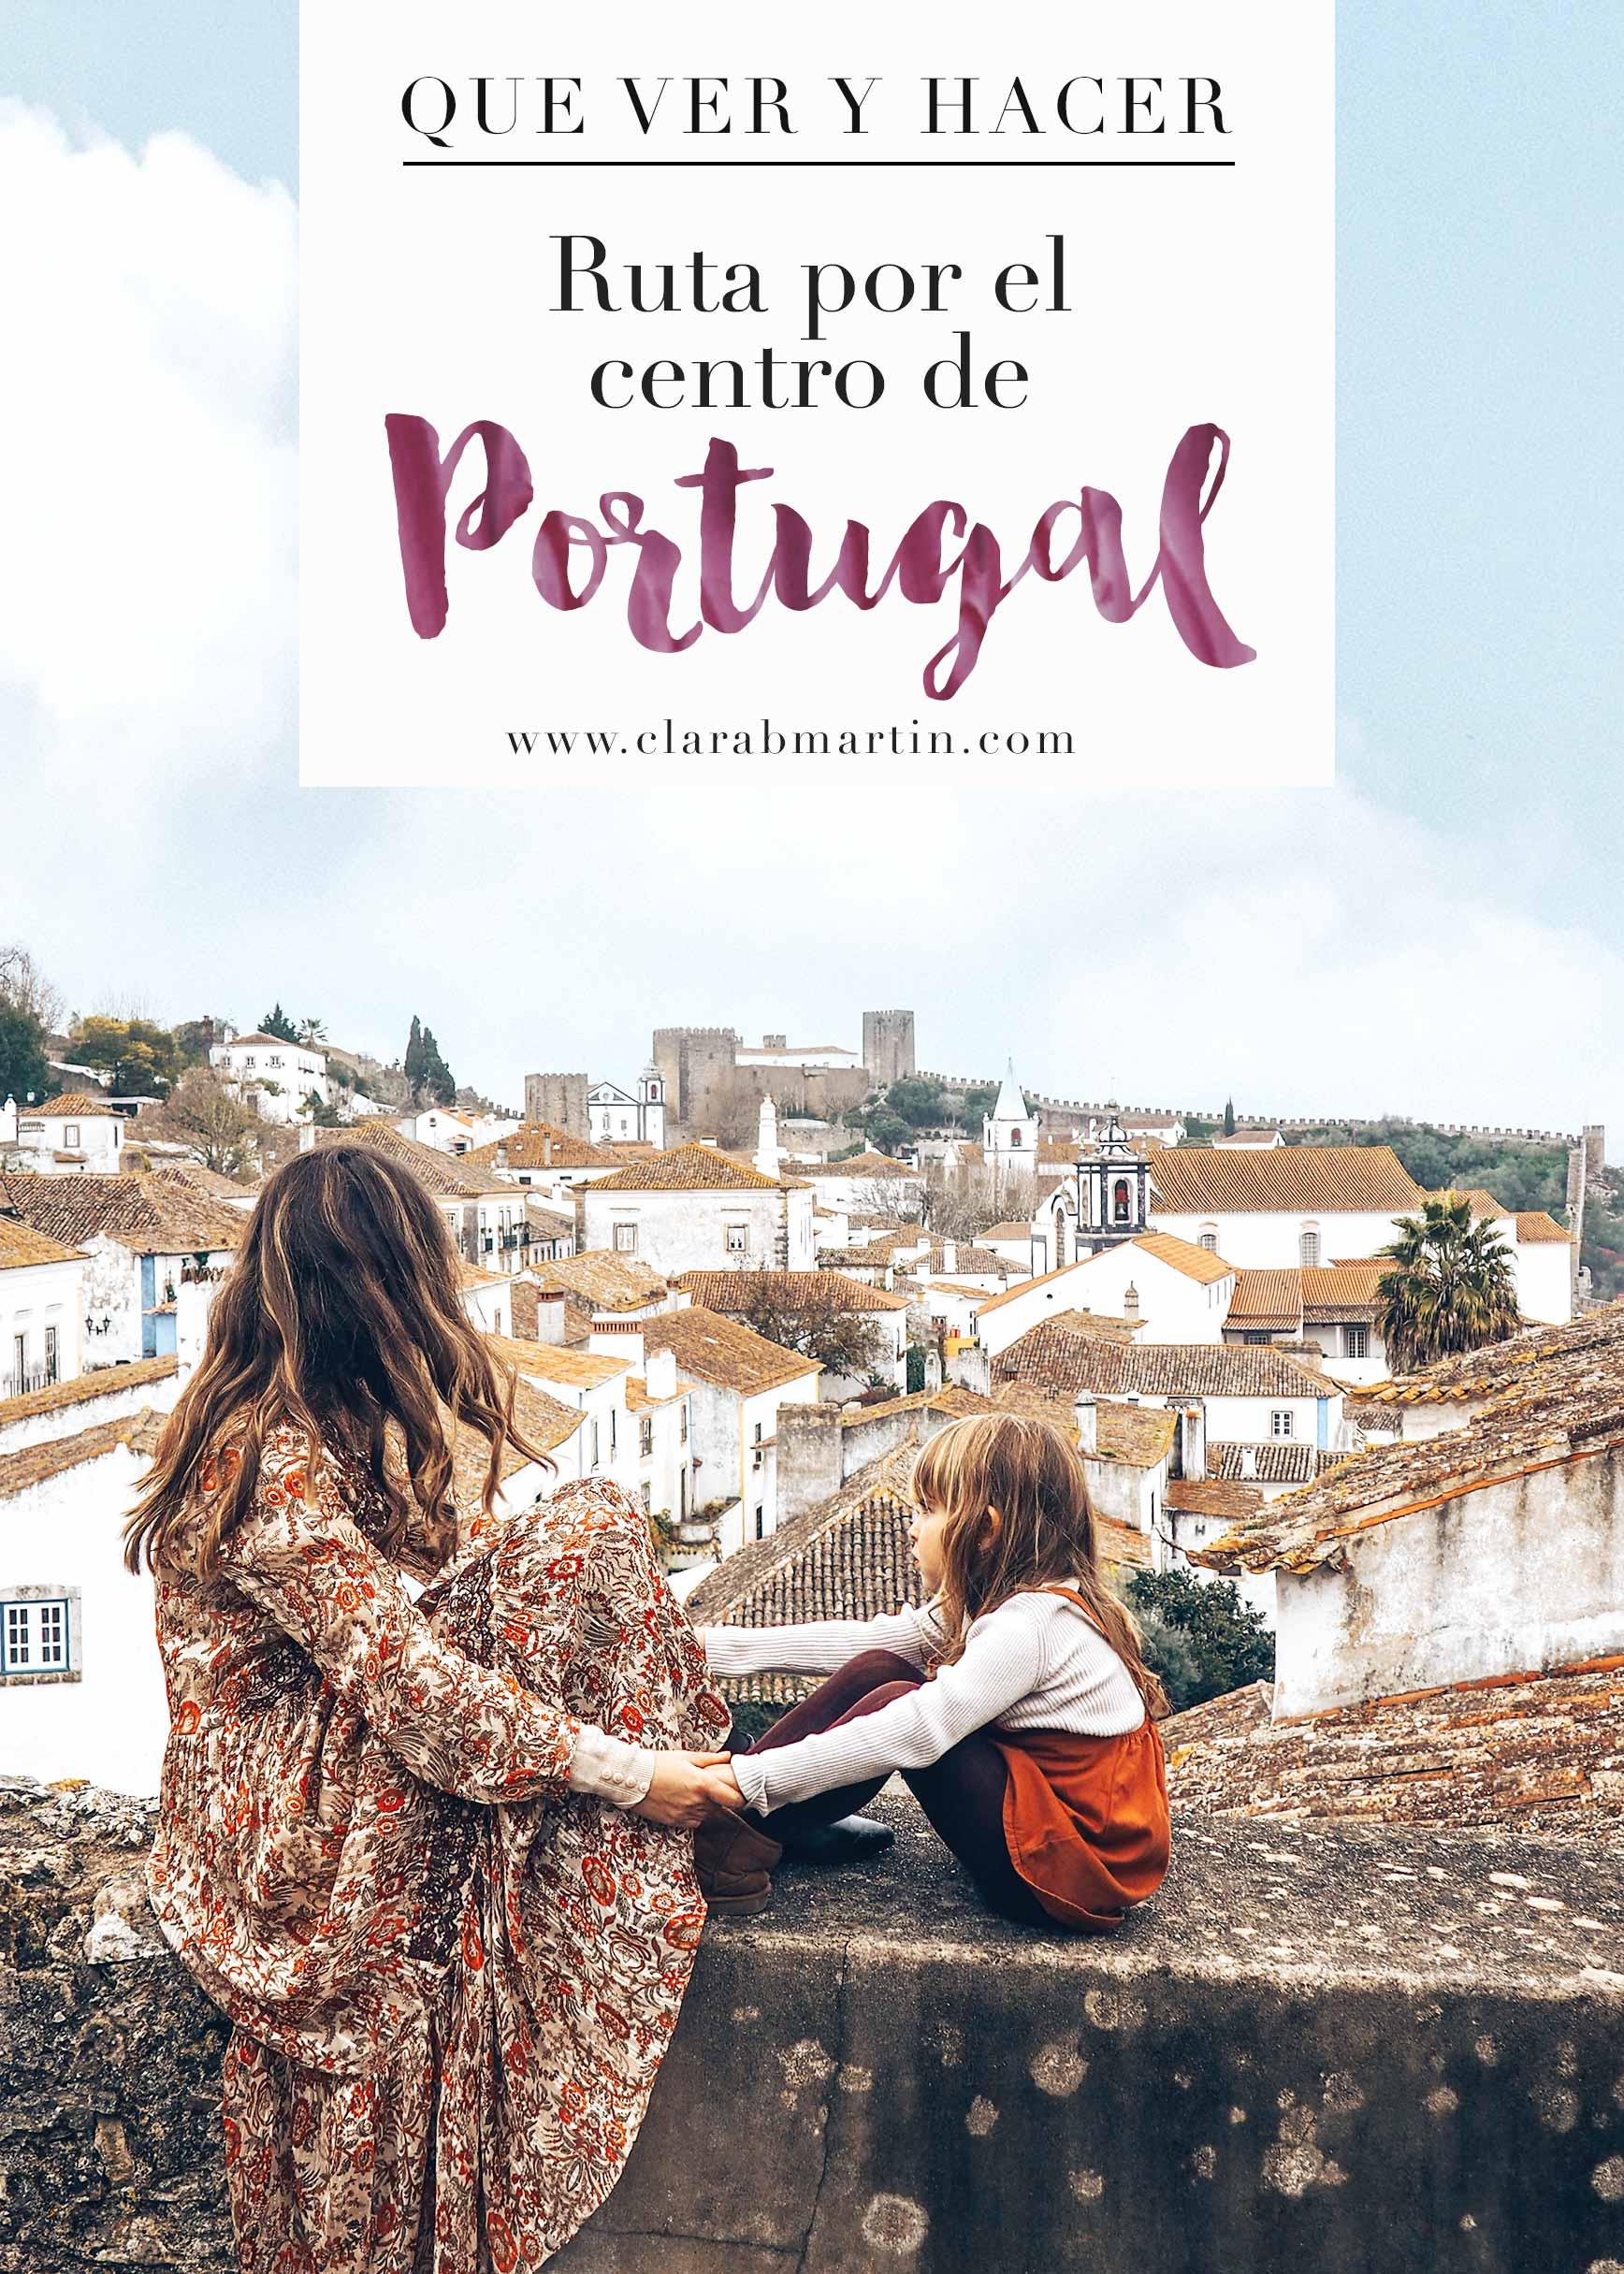 Ruta por el centro de Portugal